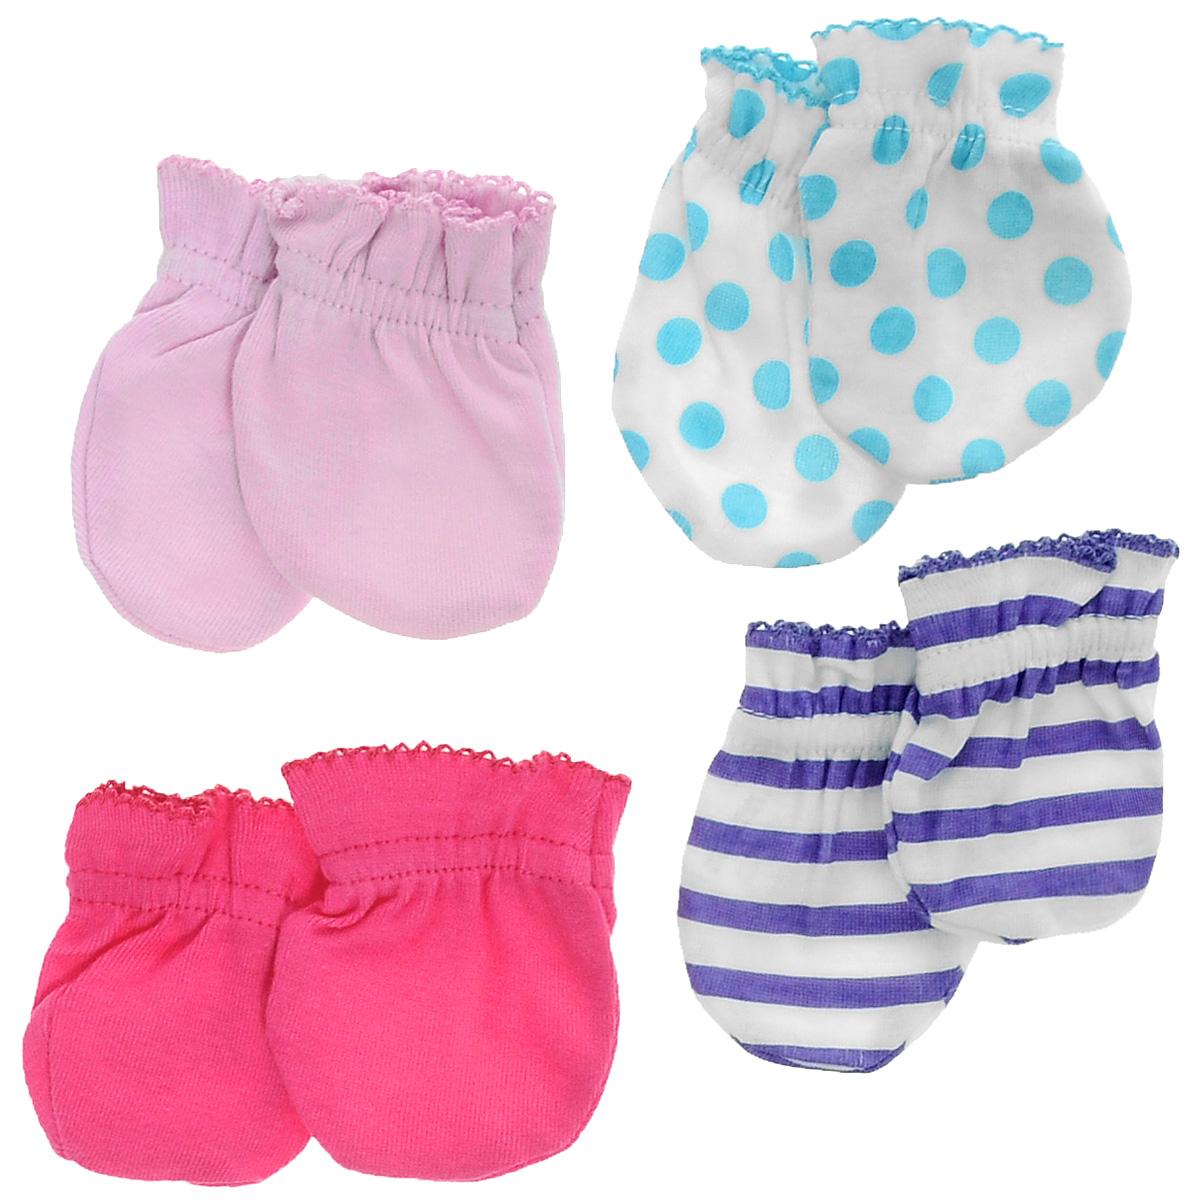 34705Рукавички для новорожденного Luvable Friends Радуга, изготовленные из натурального хлопка, идеально подойдут вашему малышу и обеспечат ему комфорт во время сна и бодрствования, предохраняя нежную кожу новорожденного от расцарапывания. В комплект входят четыре пары рукавичек.